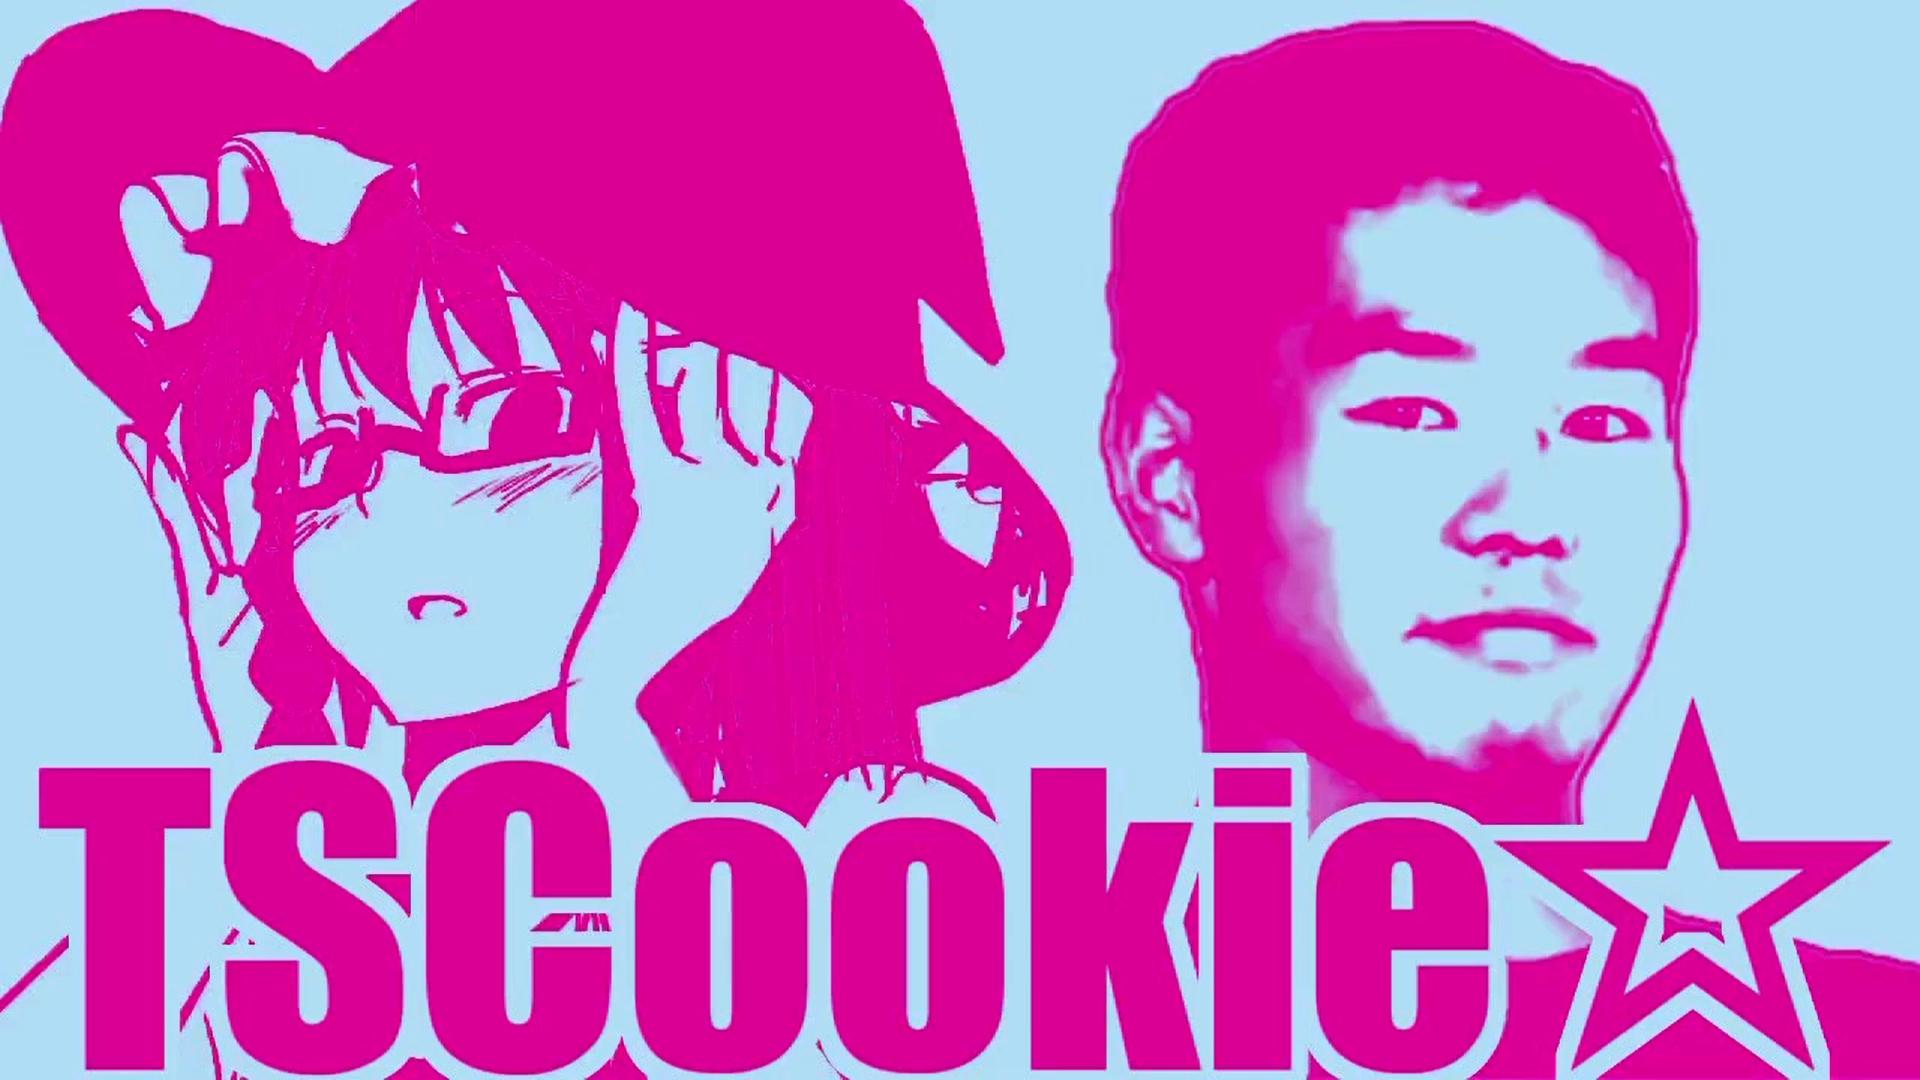 【音MAD】TSCookie☆